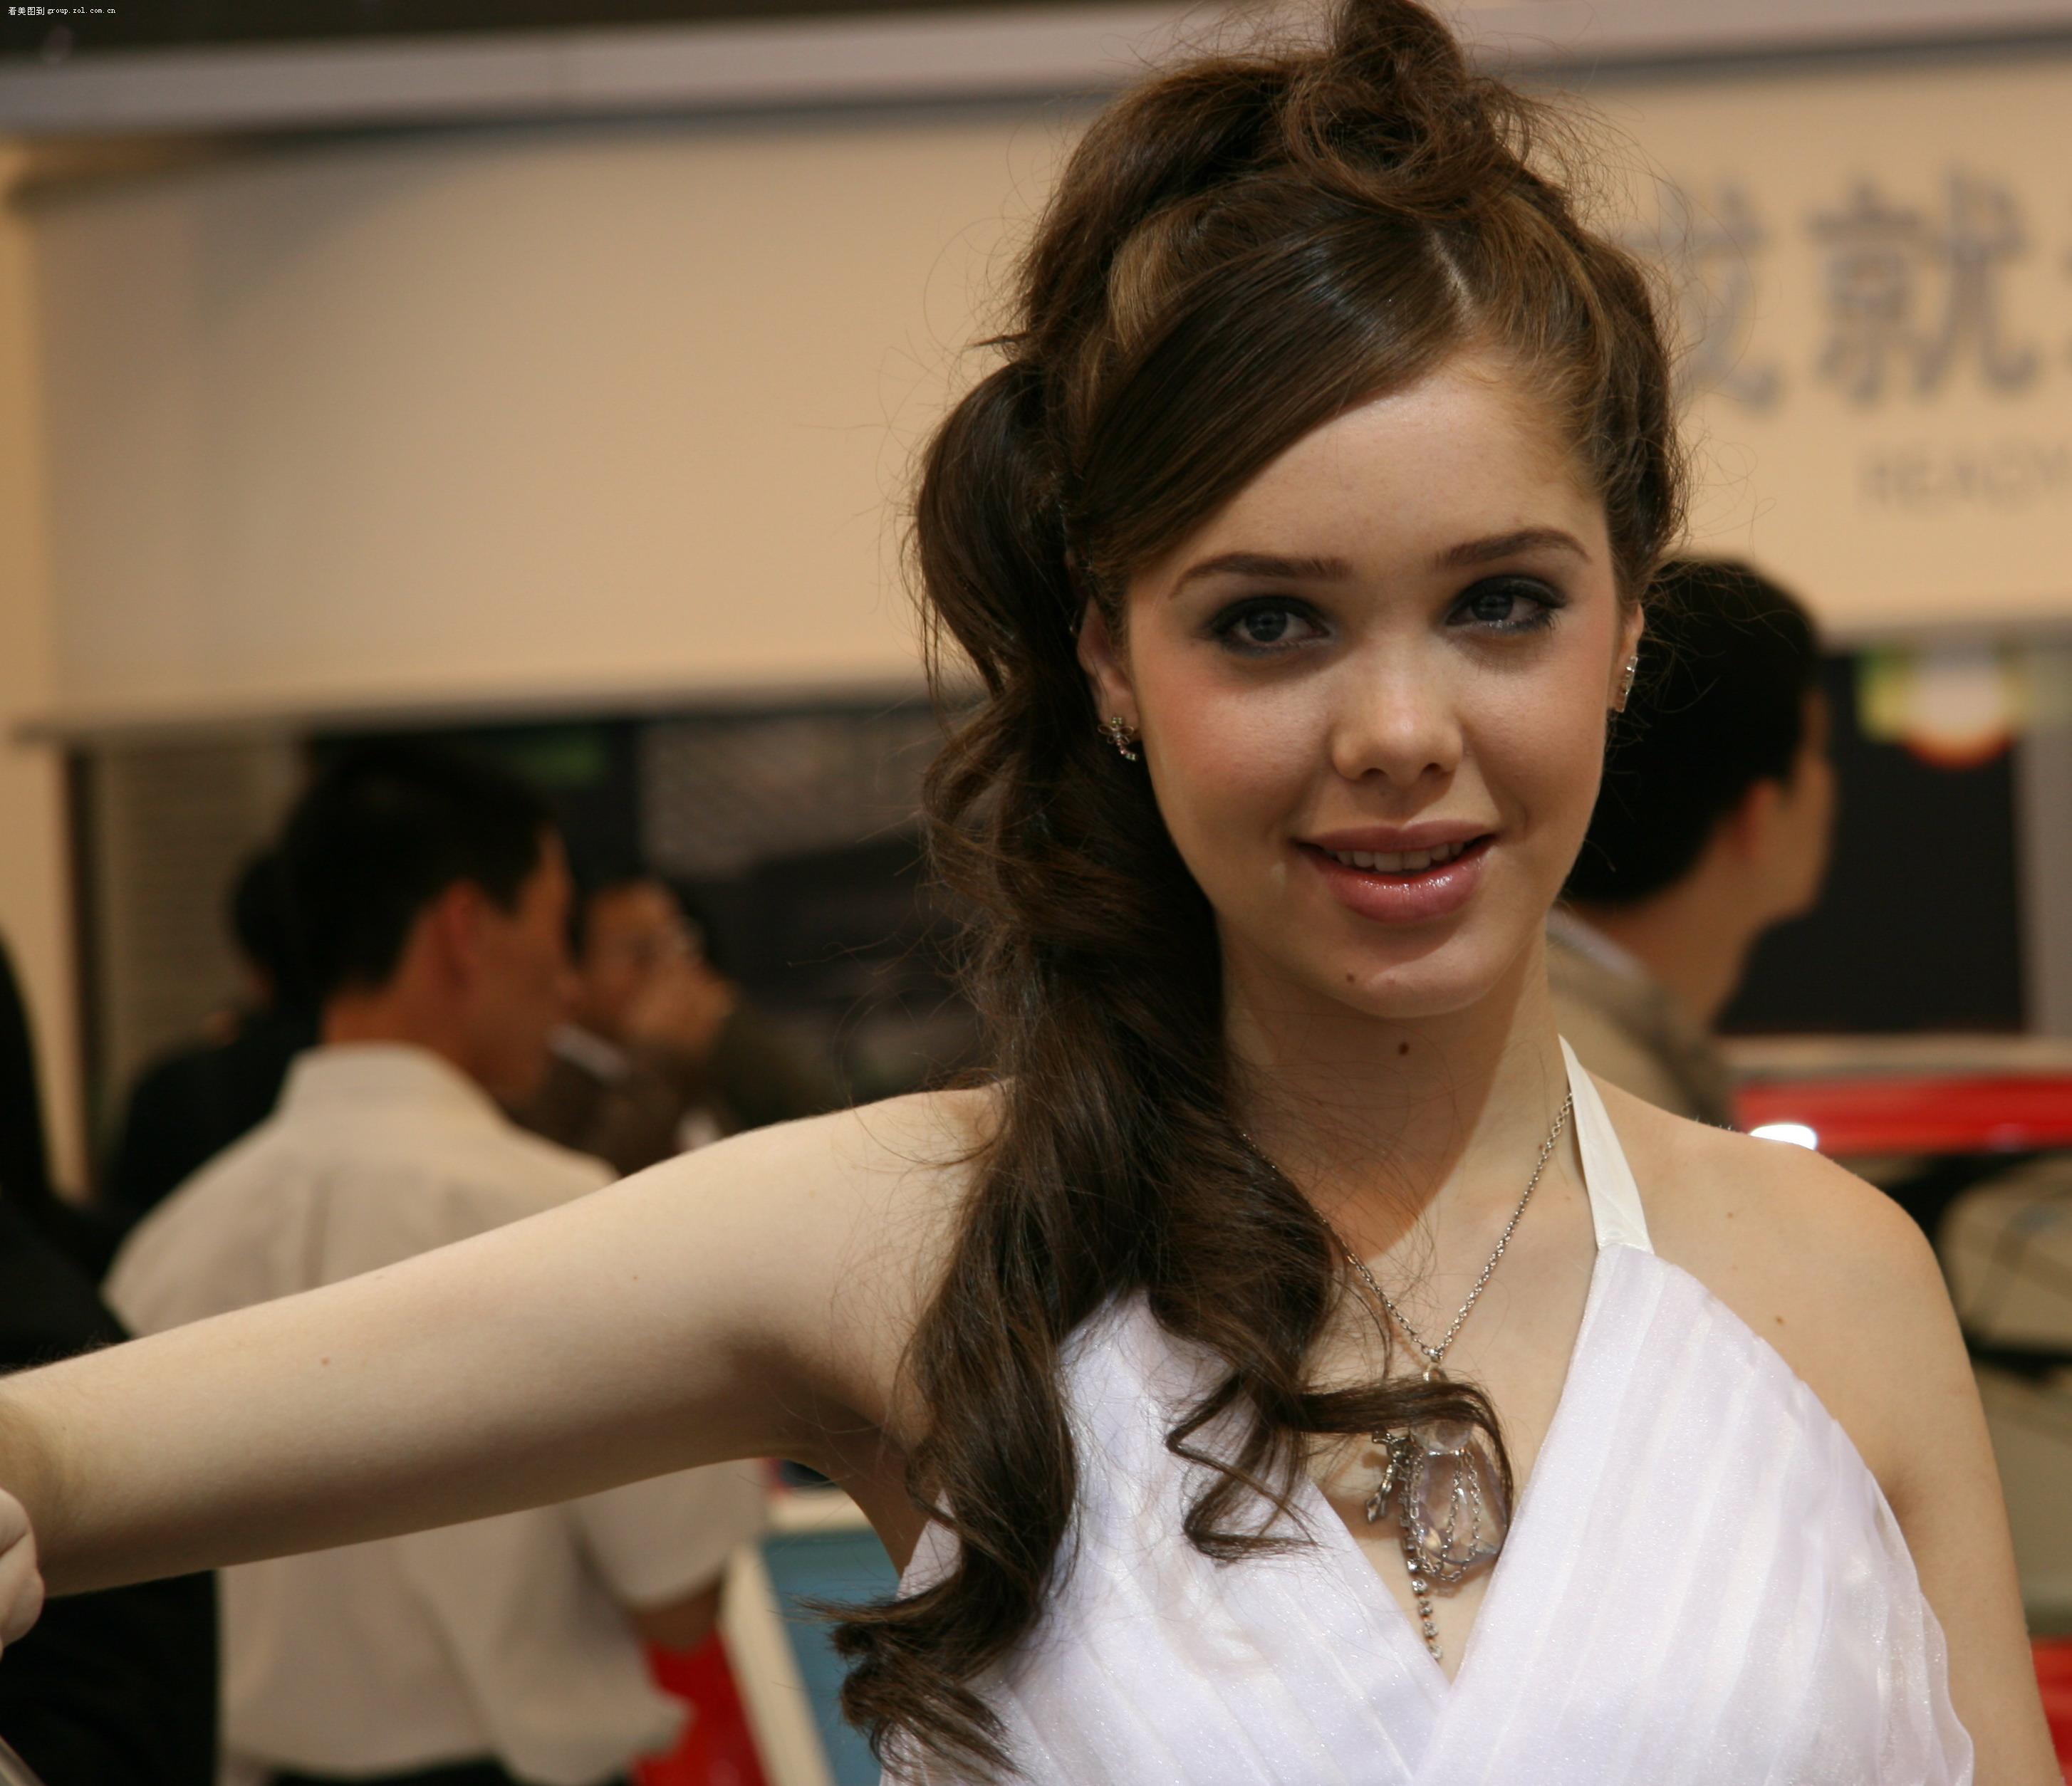 【上海车展漂亮美女通用车展工作人员比模特更漂亮